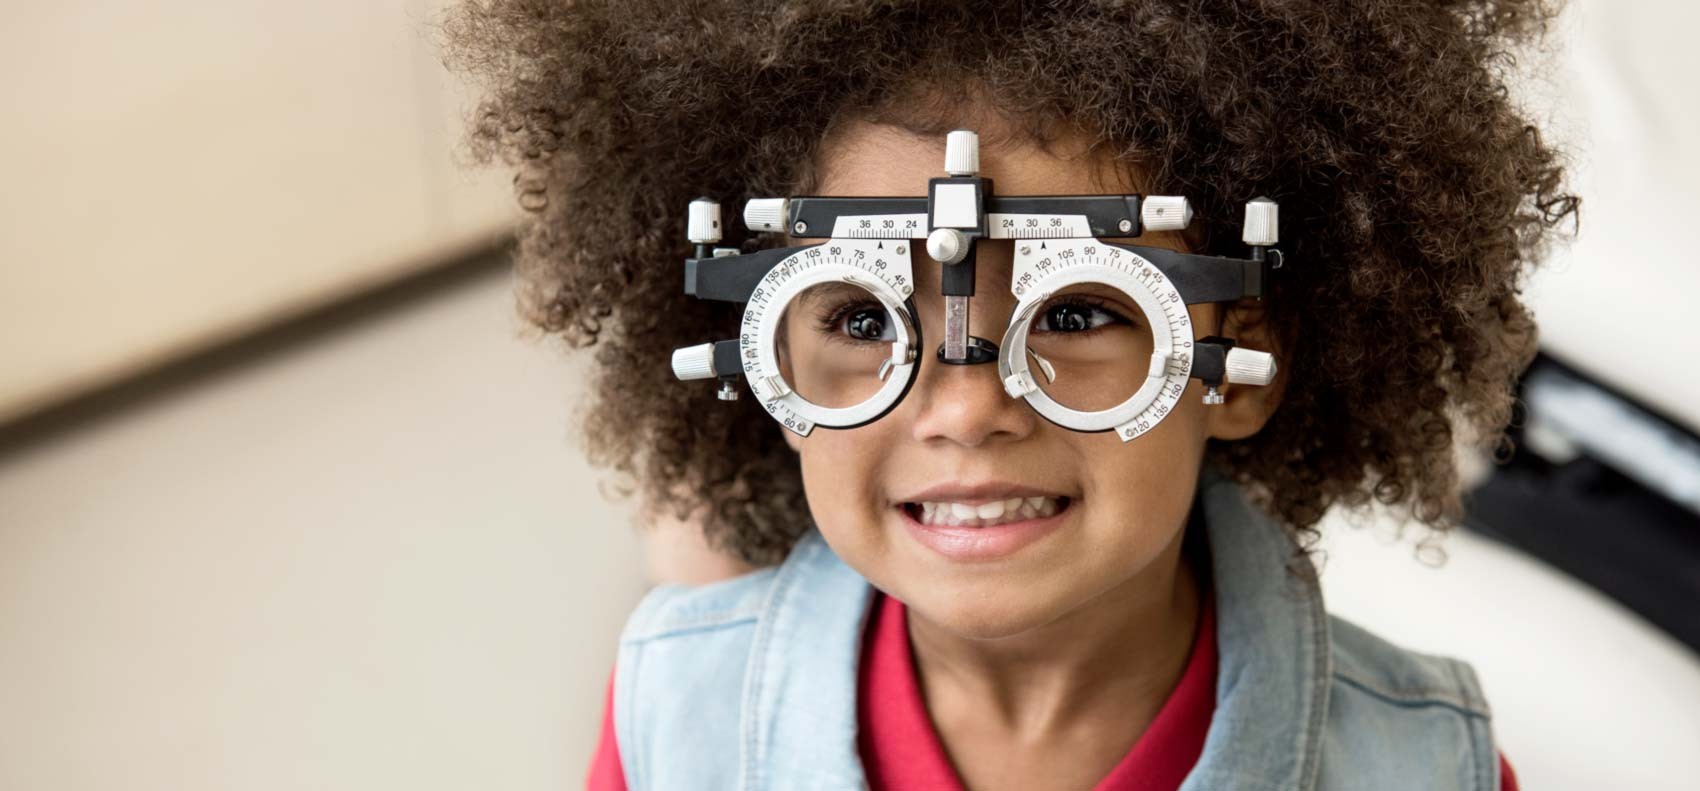 Patient beim Testen der Augen - Klinische Forschung Novartis